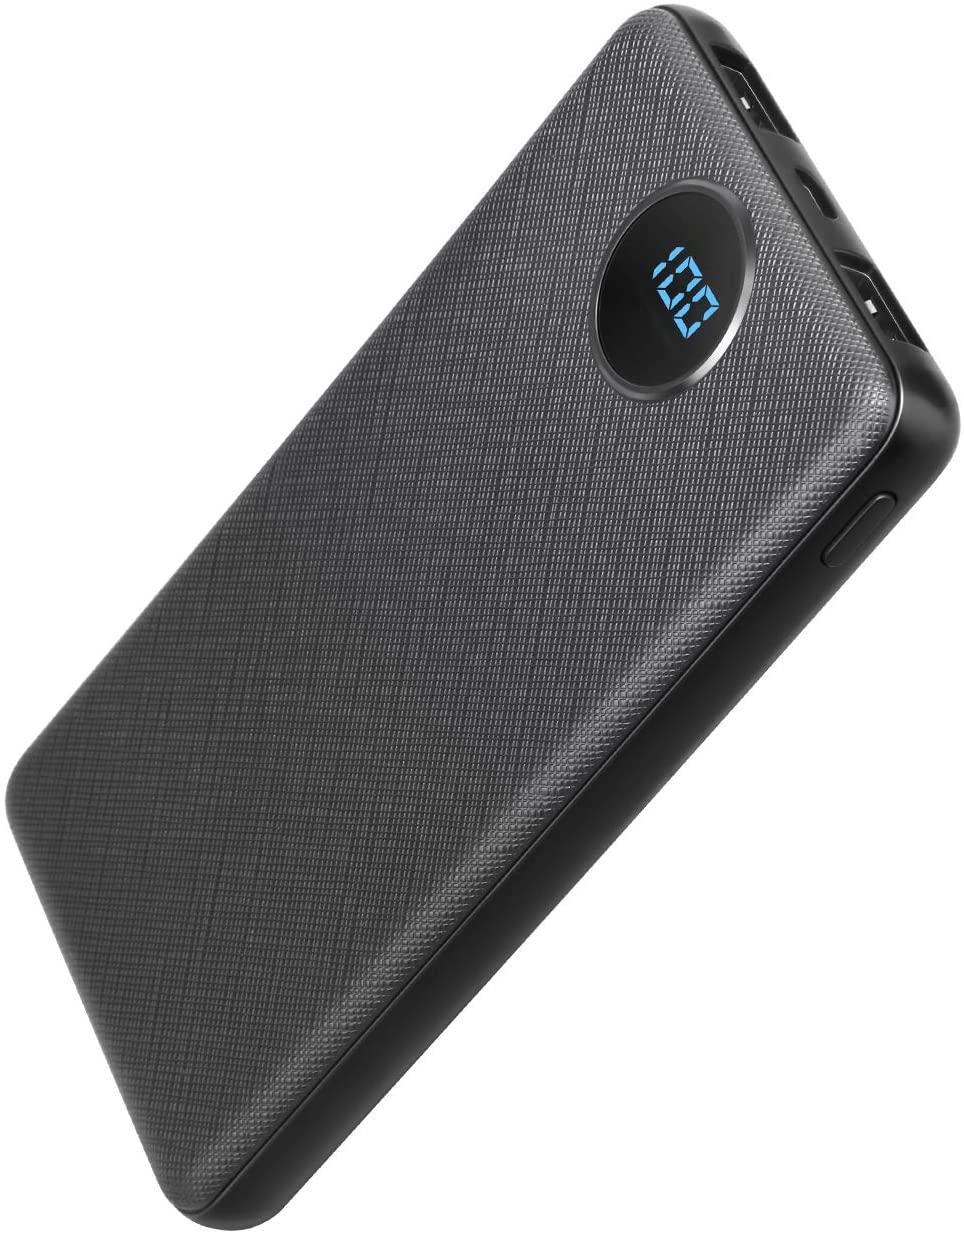 Bateria Externa 10000mAh, POSUGEAR Powerbank con 2 Salidas (2.1A+1A) y Pantalla LCD Compatibles con Todos Los Teléfonos y Tabletas